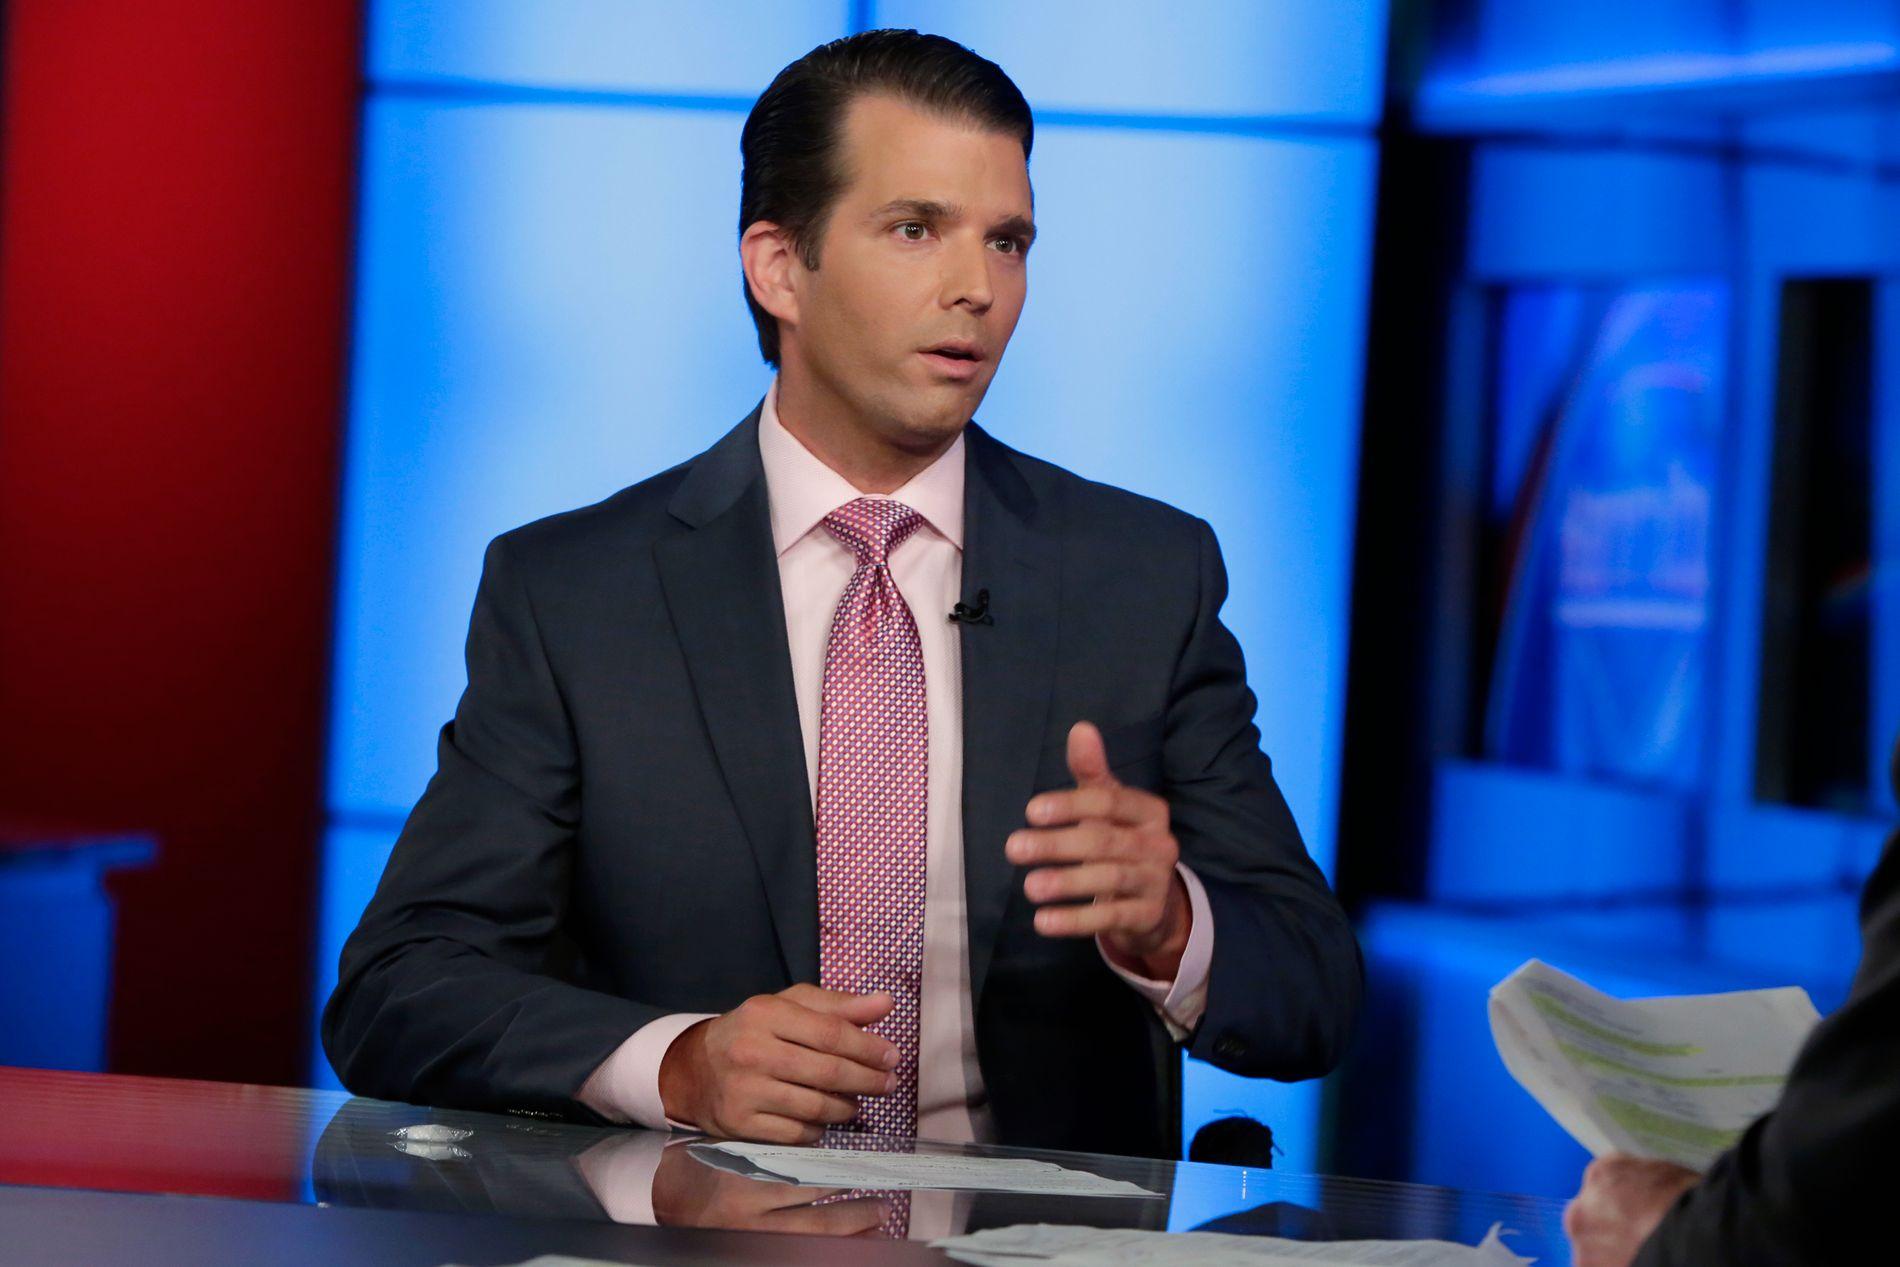 MÅ FORHANDLE: Donald Trump Jr. har innrømmet at møtet med Veselnitskaja fant sted fordi advokaten hevdet å ha opplysninger som kunne være skadelig for hans fars motkandidat Hillary Clinton under valgkampen.